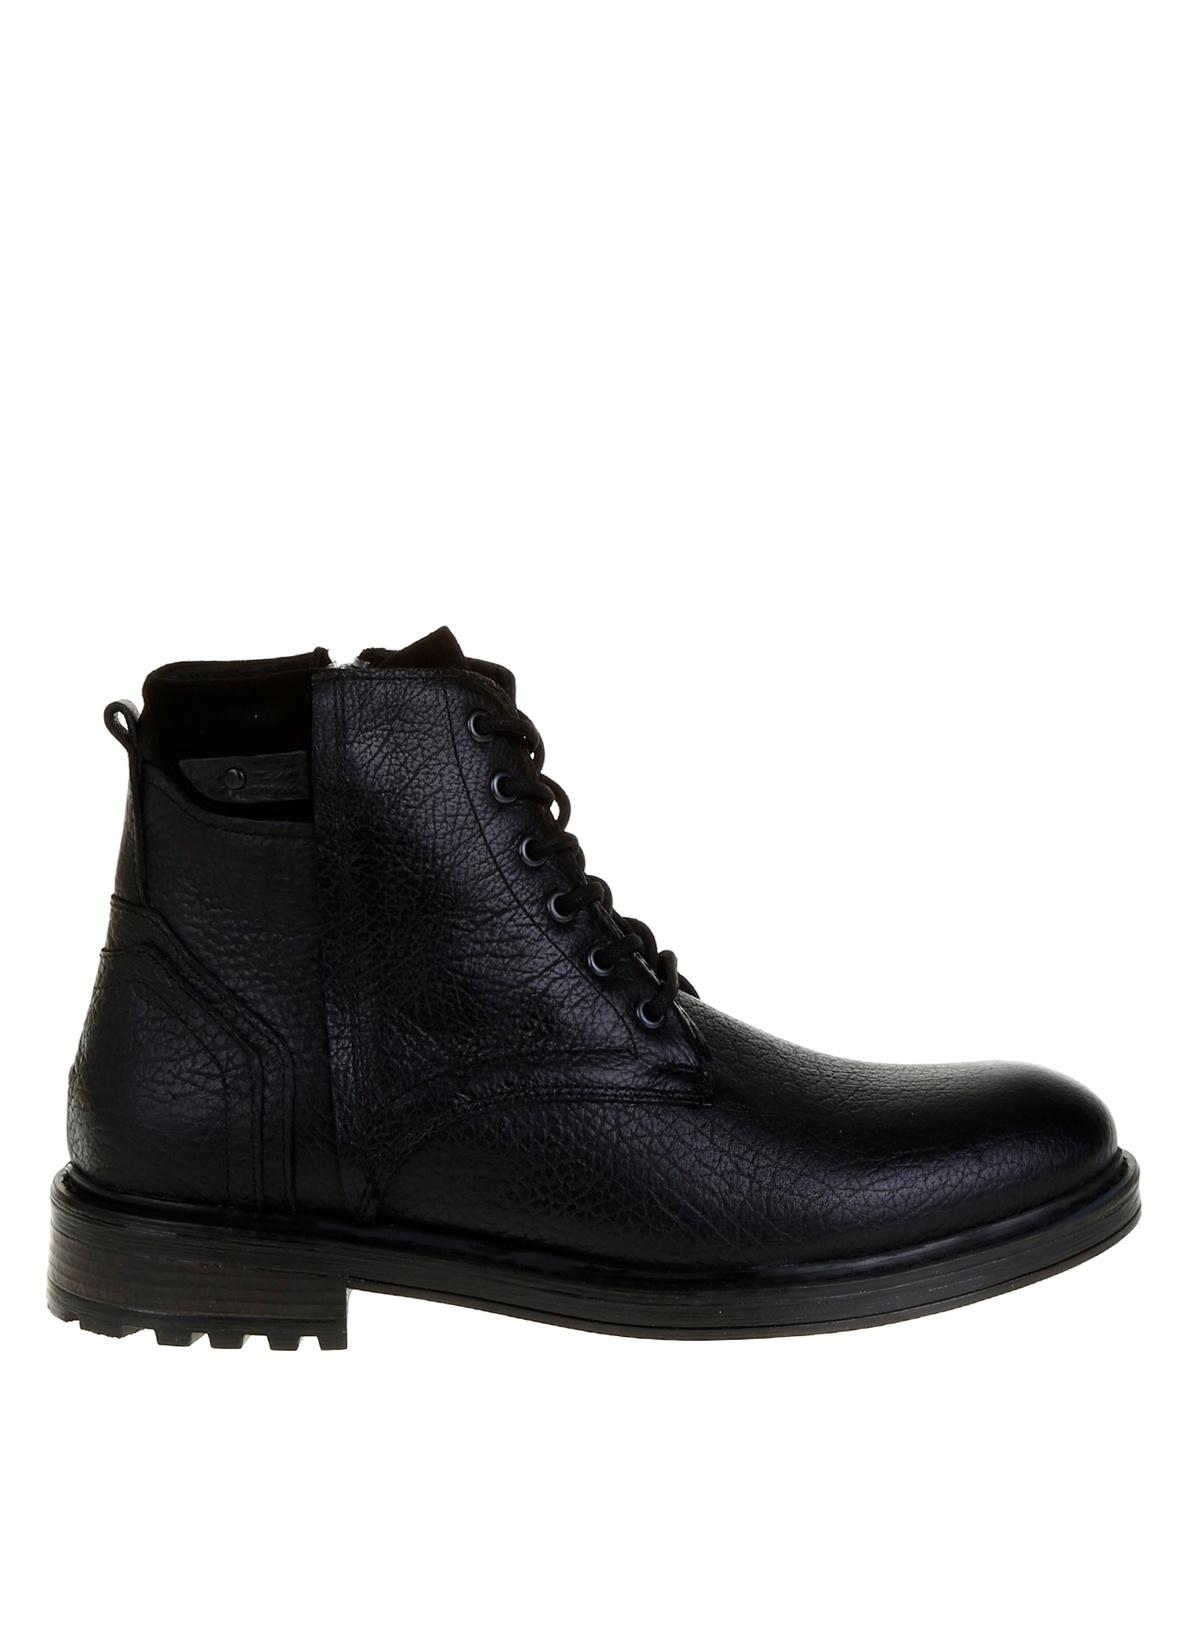 Fabrika Ayakkabı 28-bradley Fabrika Klasik Ayakkabı – 449.99 TL